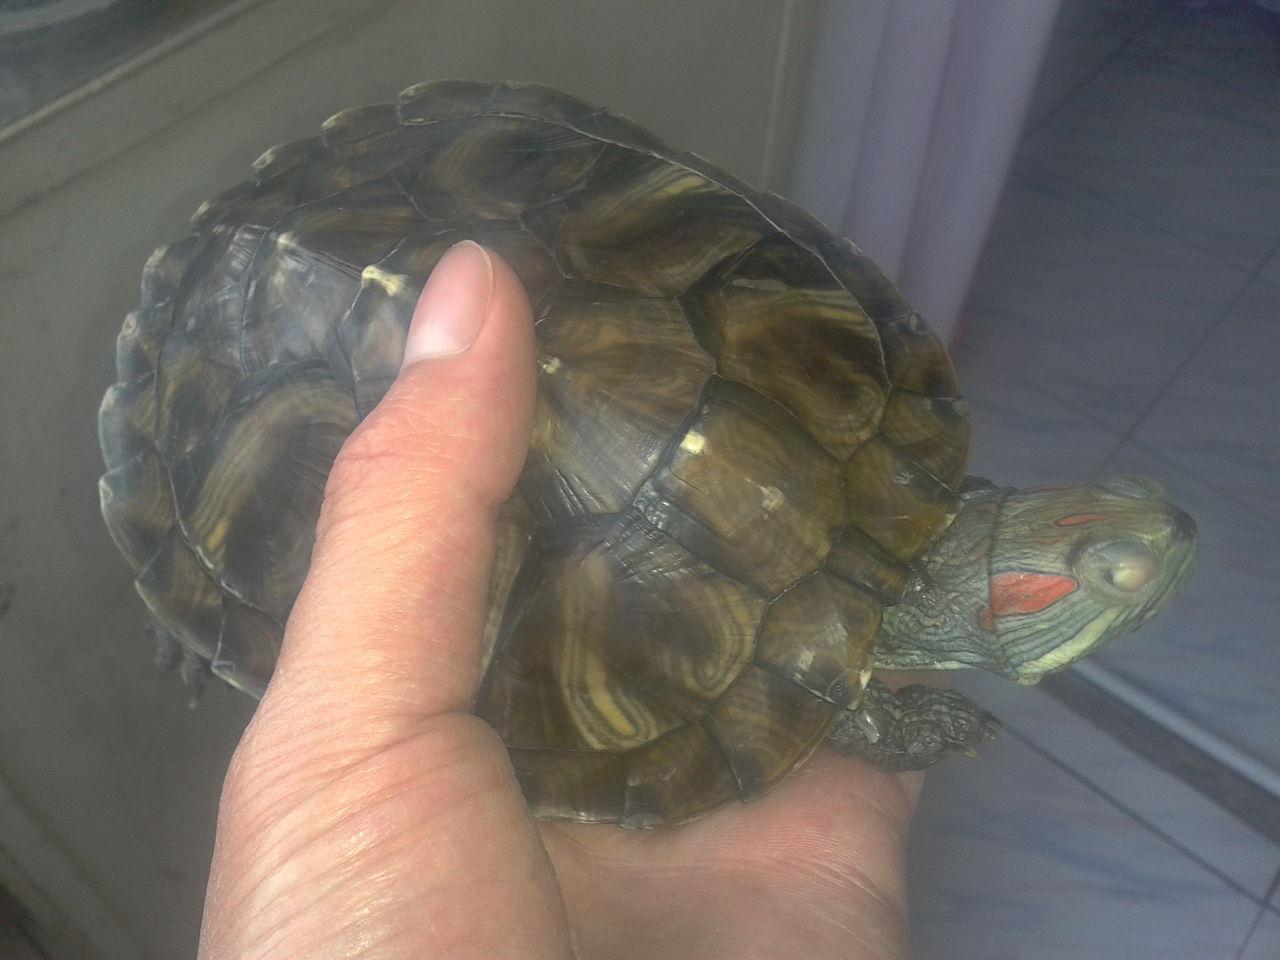 巴西龟白眼病图片 巴西龟白眼病怎么治 巴西龟白眼病